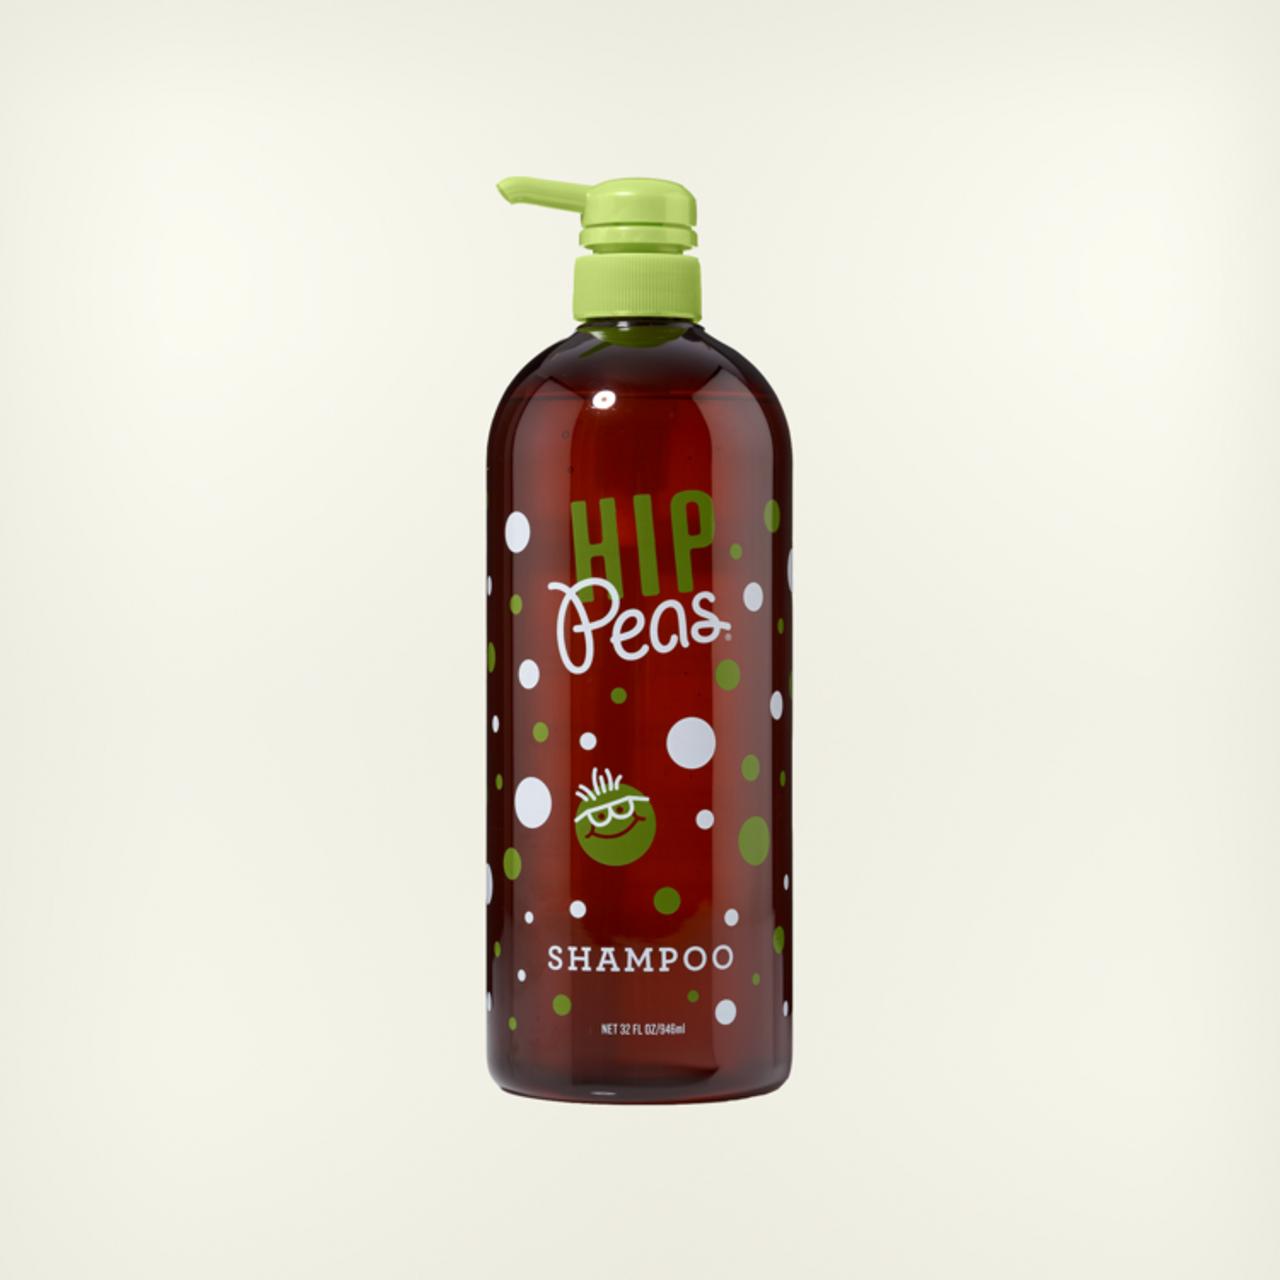 Hip Peas Shampoo 32oz pump